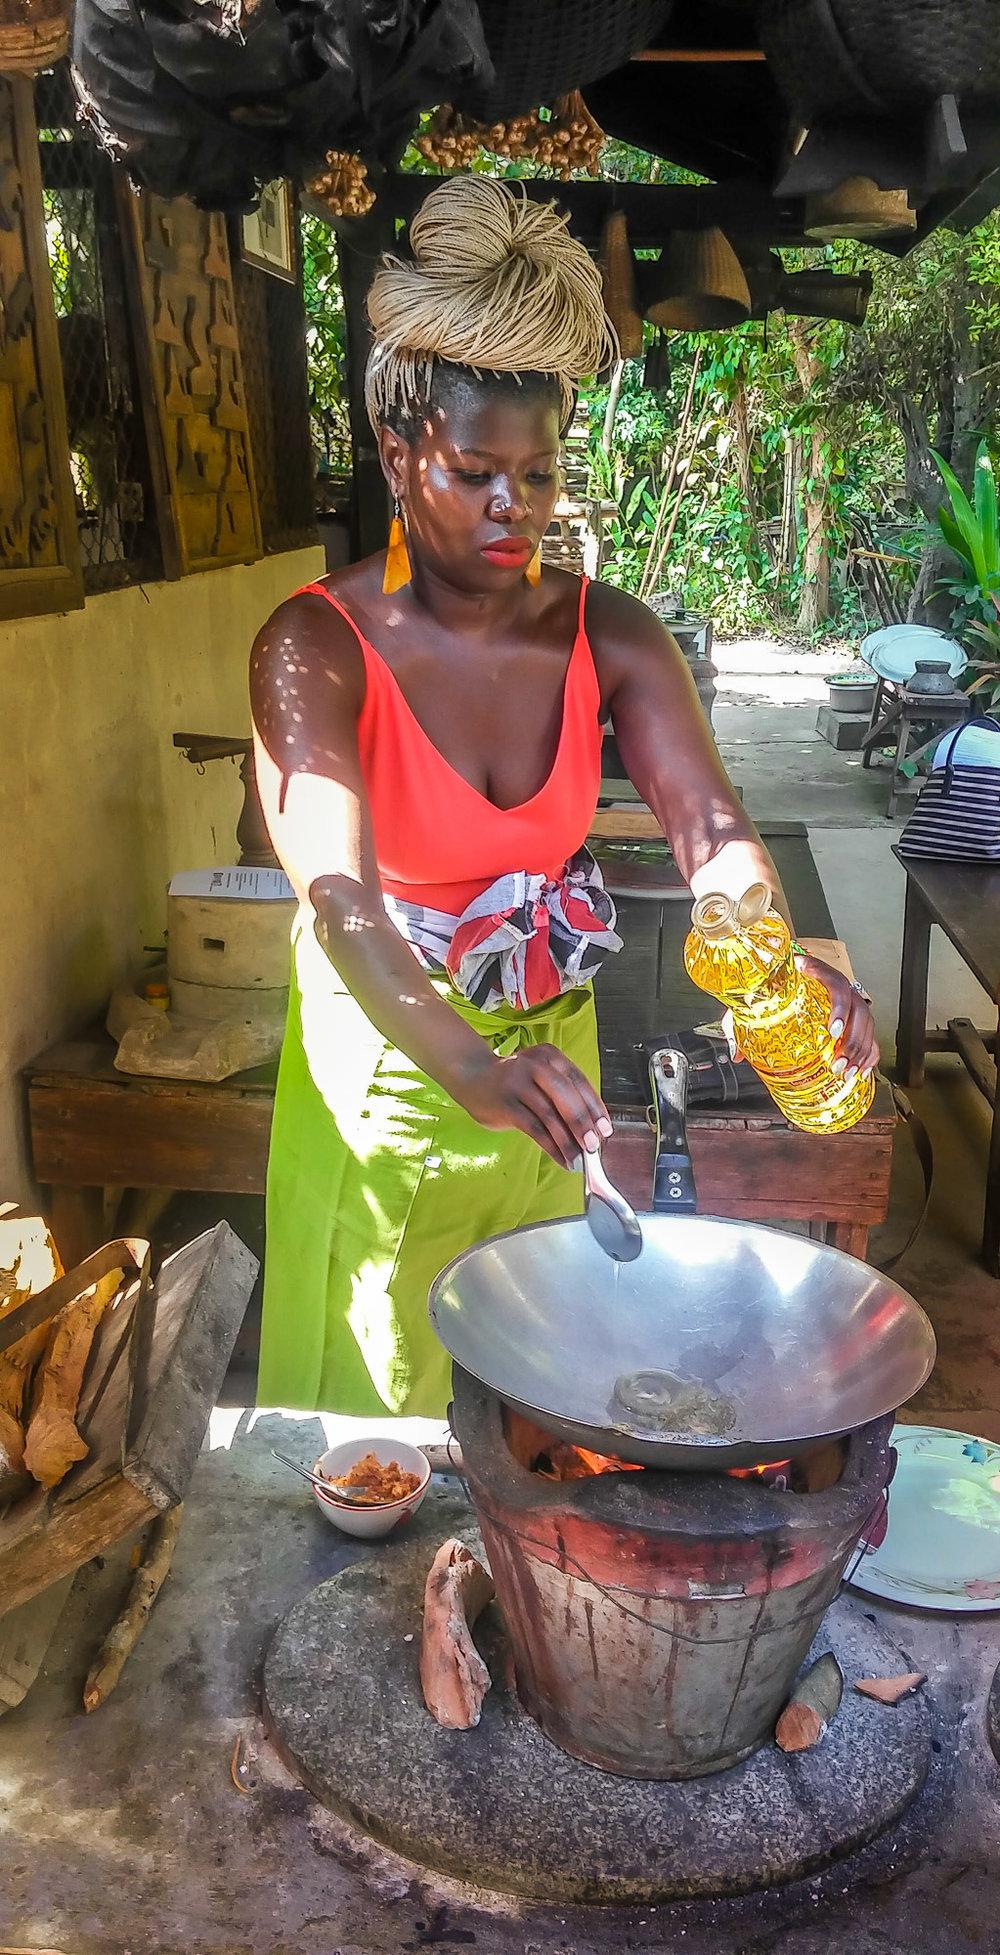 Liza cooking pic.jpg